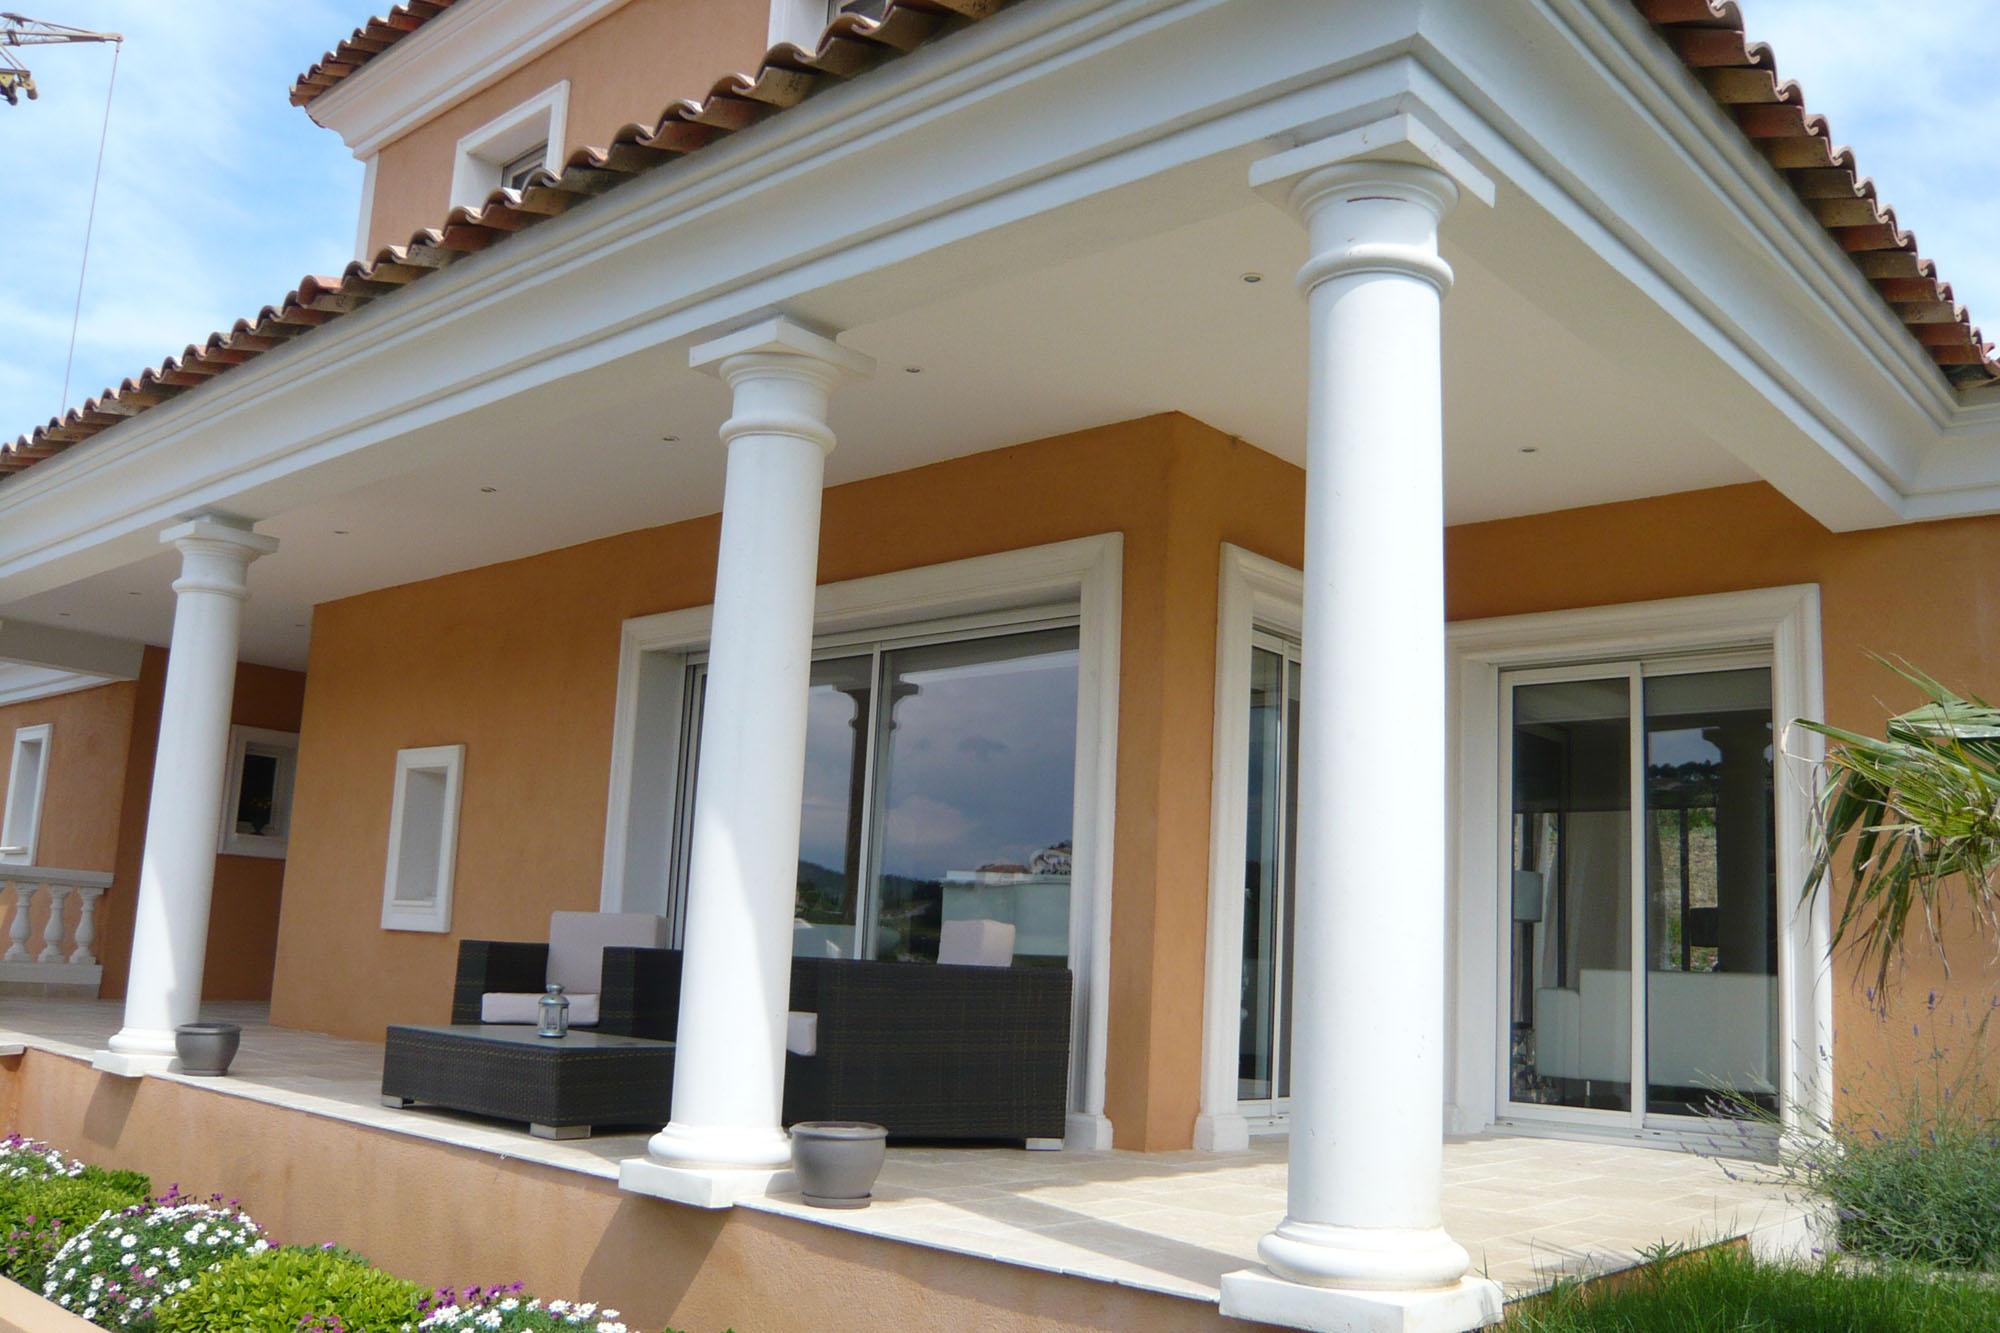 Colonnes placages et bas relief villa aix en provence - Habillage colonne beton ...